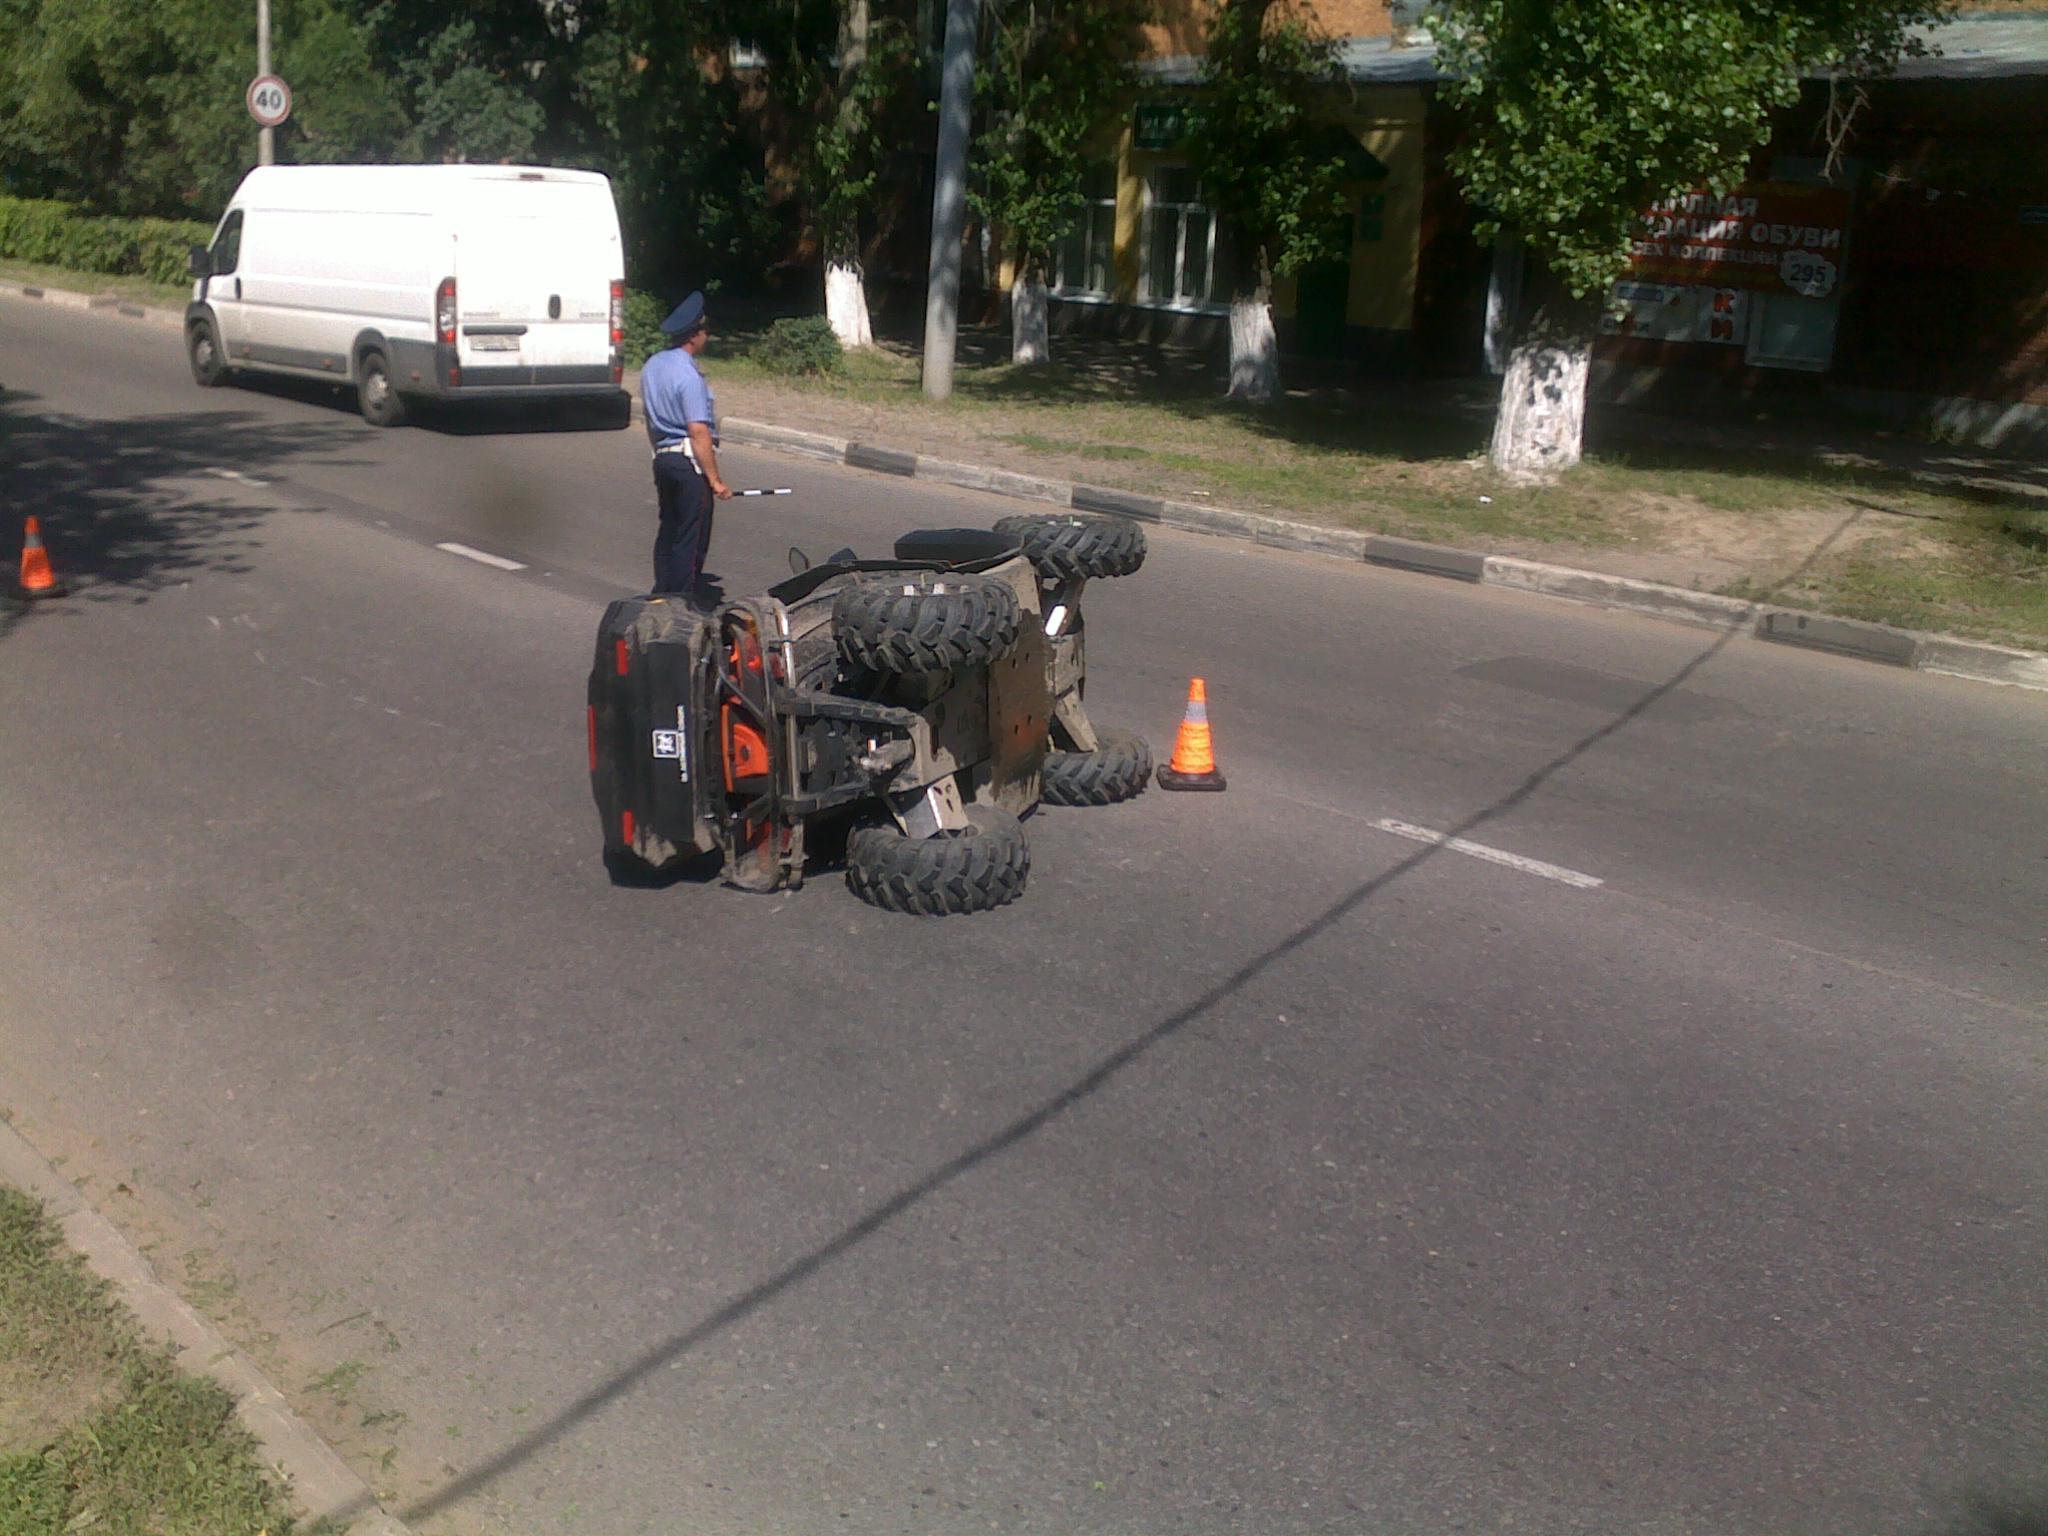 Нетрезвый наквадроцикле сбил инспектора ДПС: получил 2 года колонии